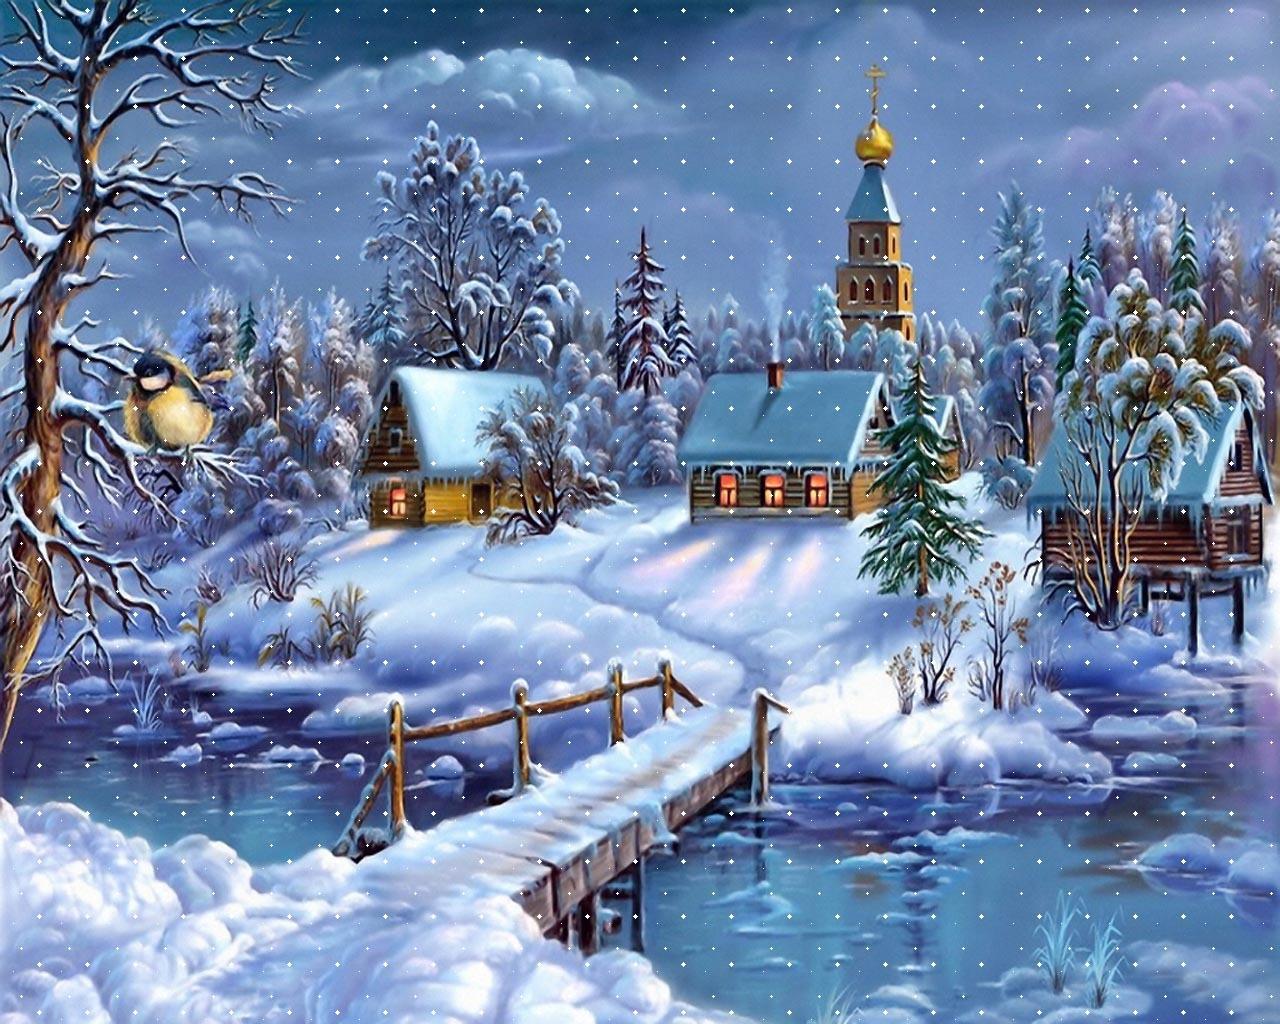 wallpaper winter wallpaper html winter scenes wallpaper filesize 1280x1024